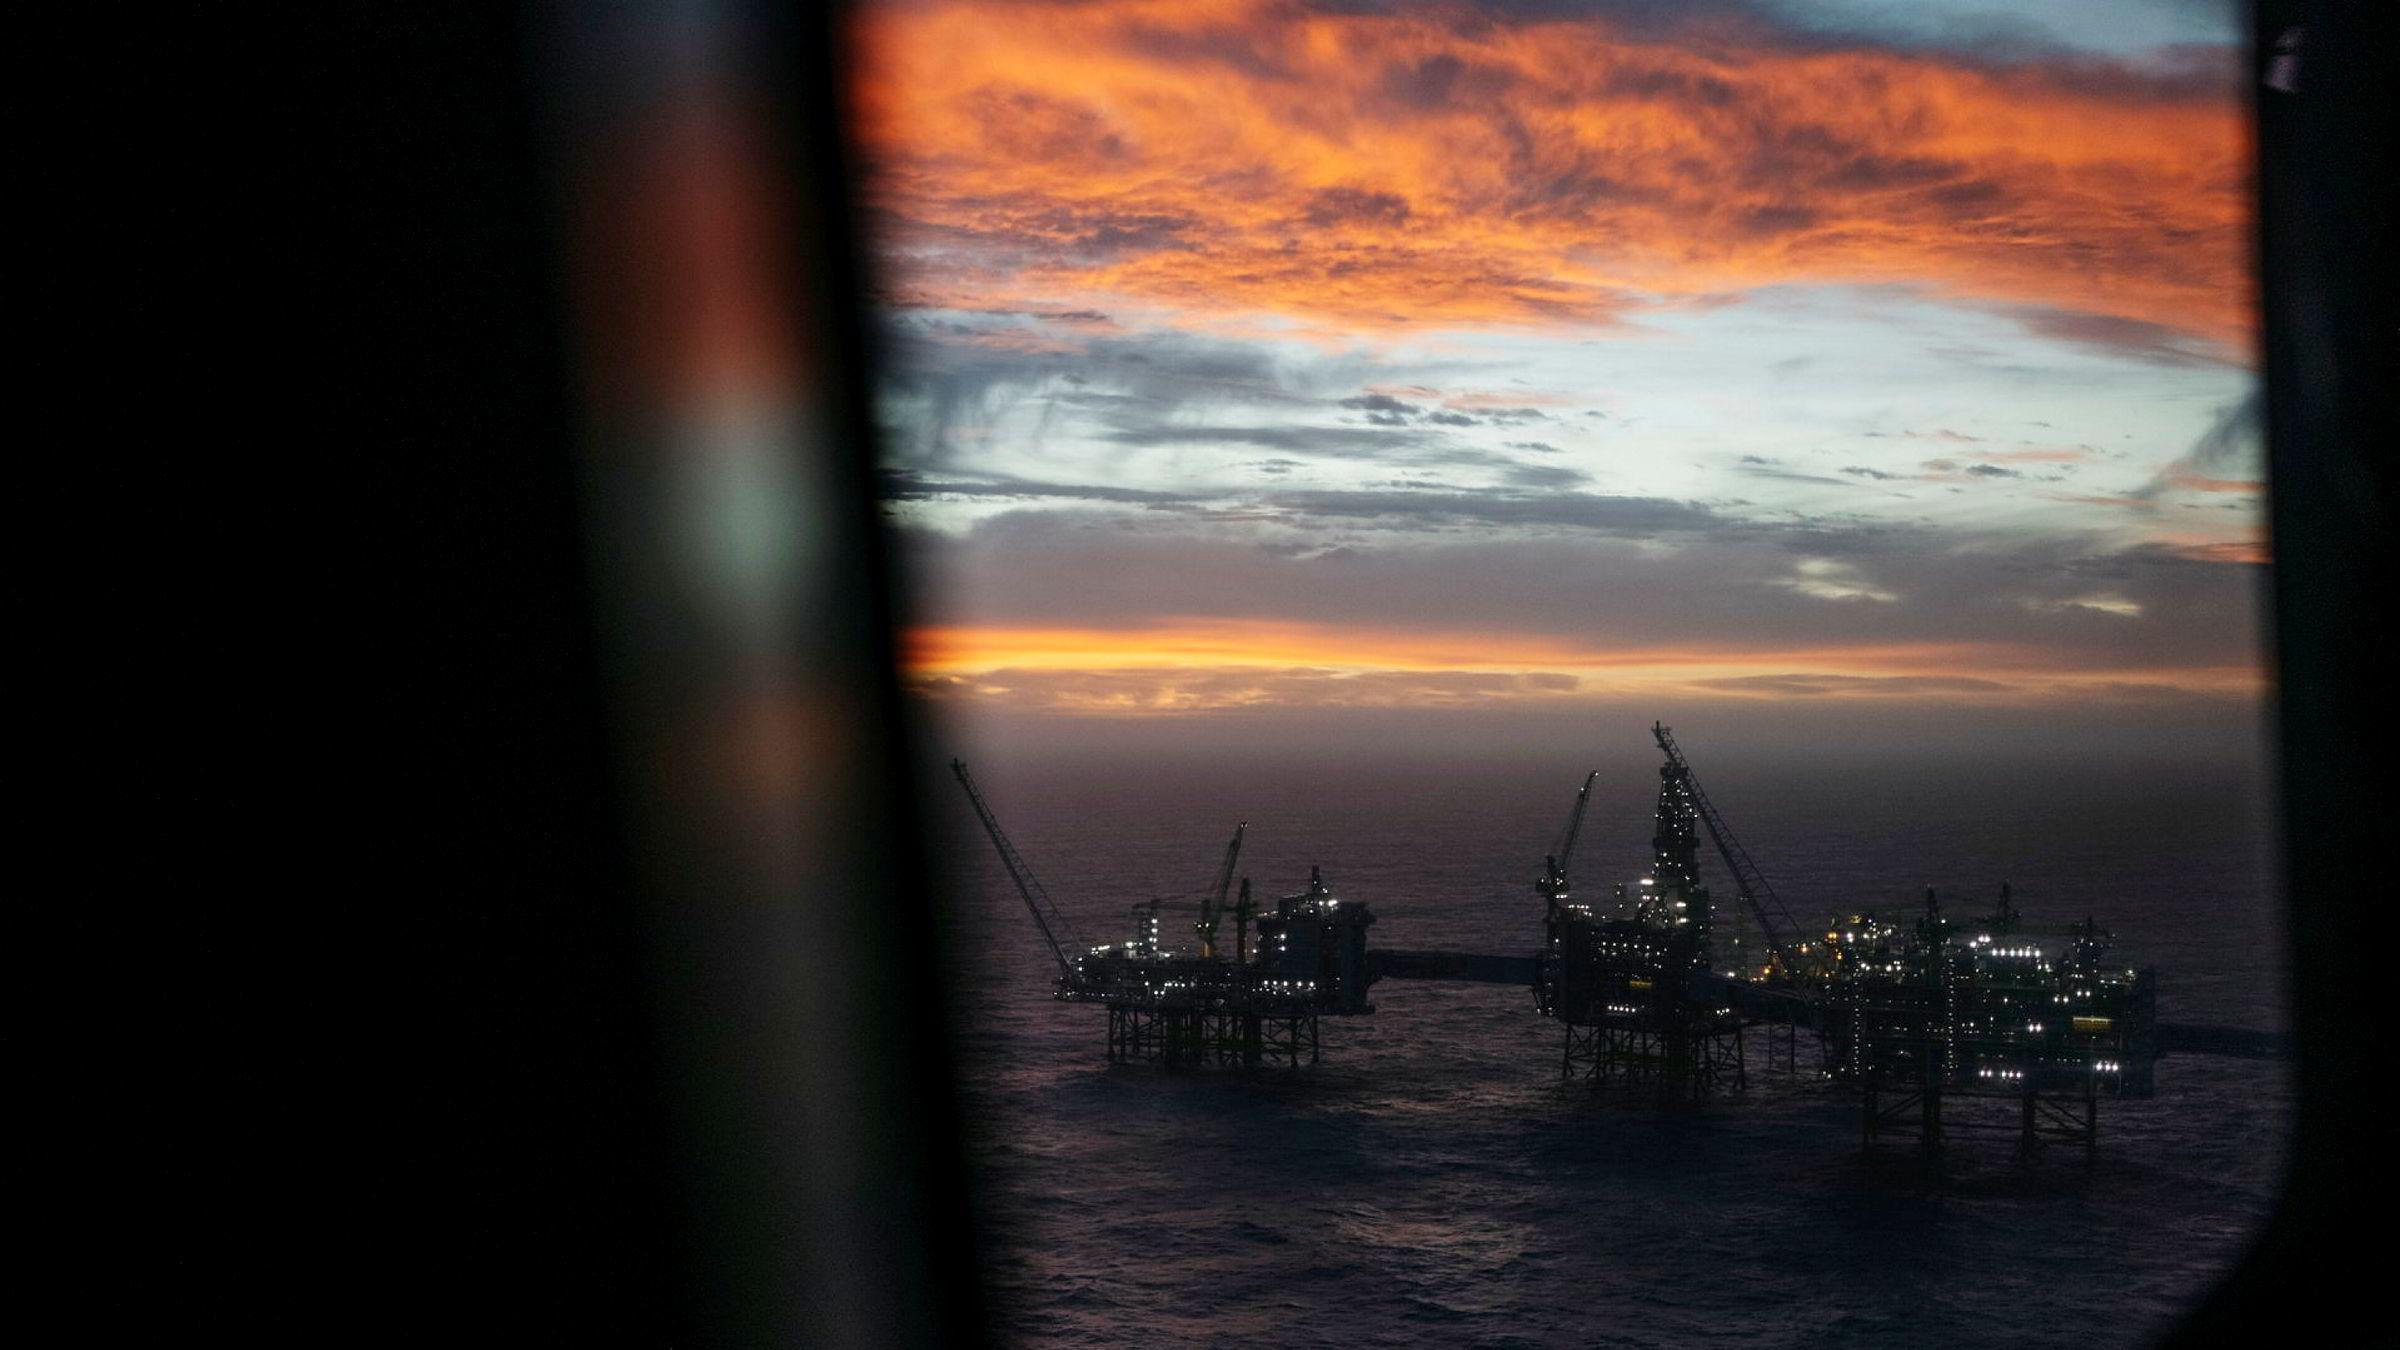 Det er viktig å ikke glemme hva forslagene til ny oljeskatt reelt sett innebærer: En stimulans av investeringer i olje og gass som ikke finnes i andre næringer, uten noen betingelser om hva det skal investeres i.